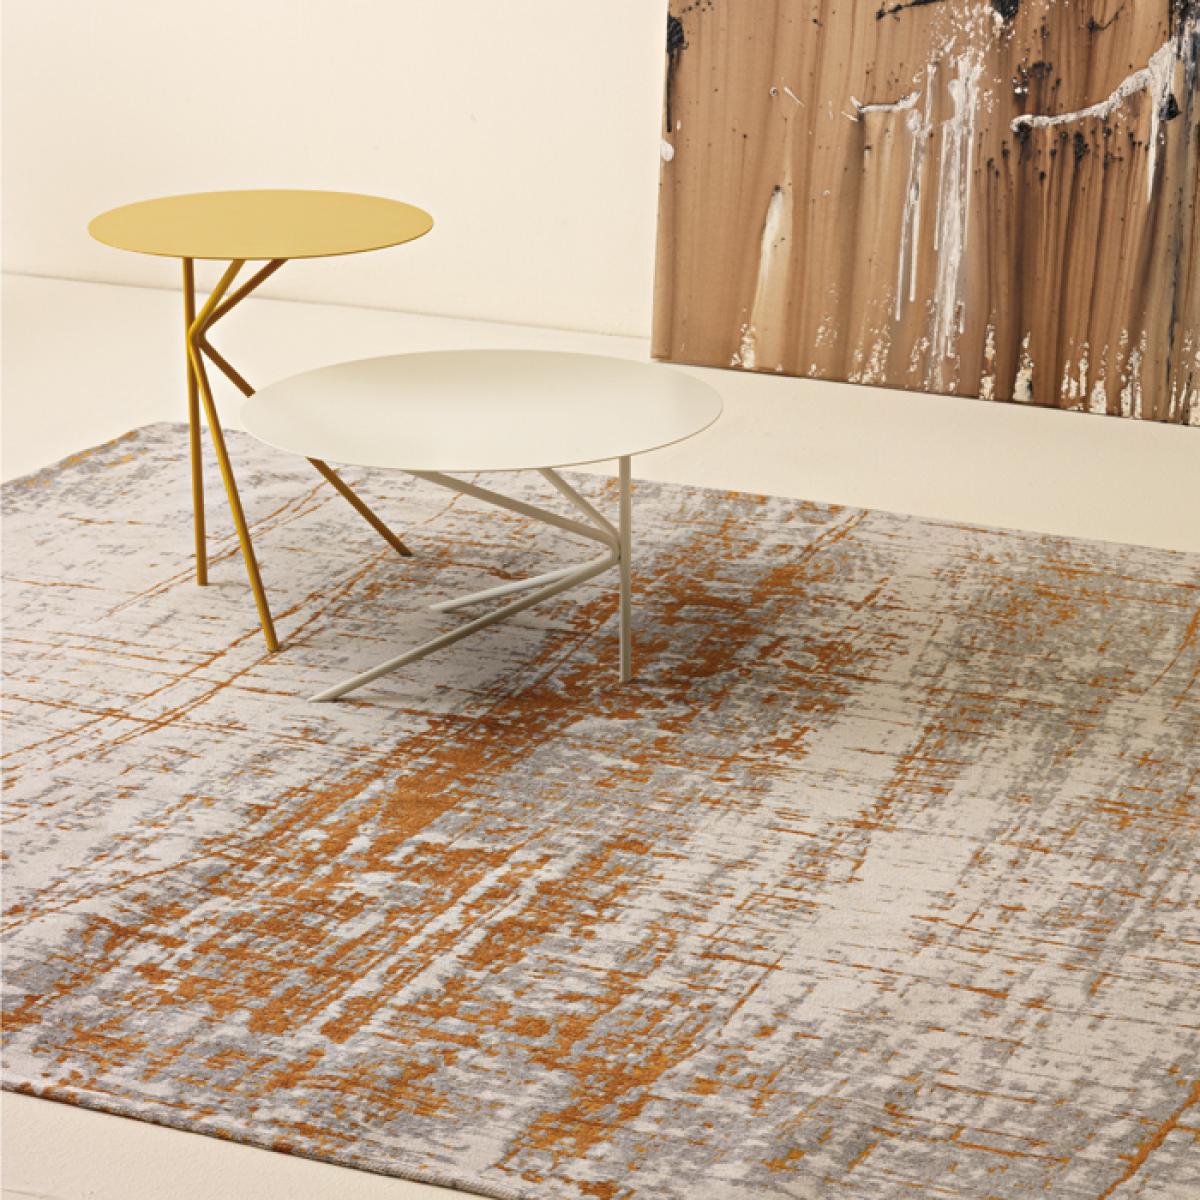 Tappeti moderni online | RAGGIO DI SOLE | MeMe Design | LivingDECO\'